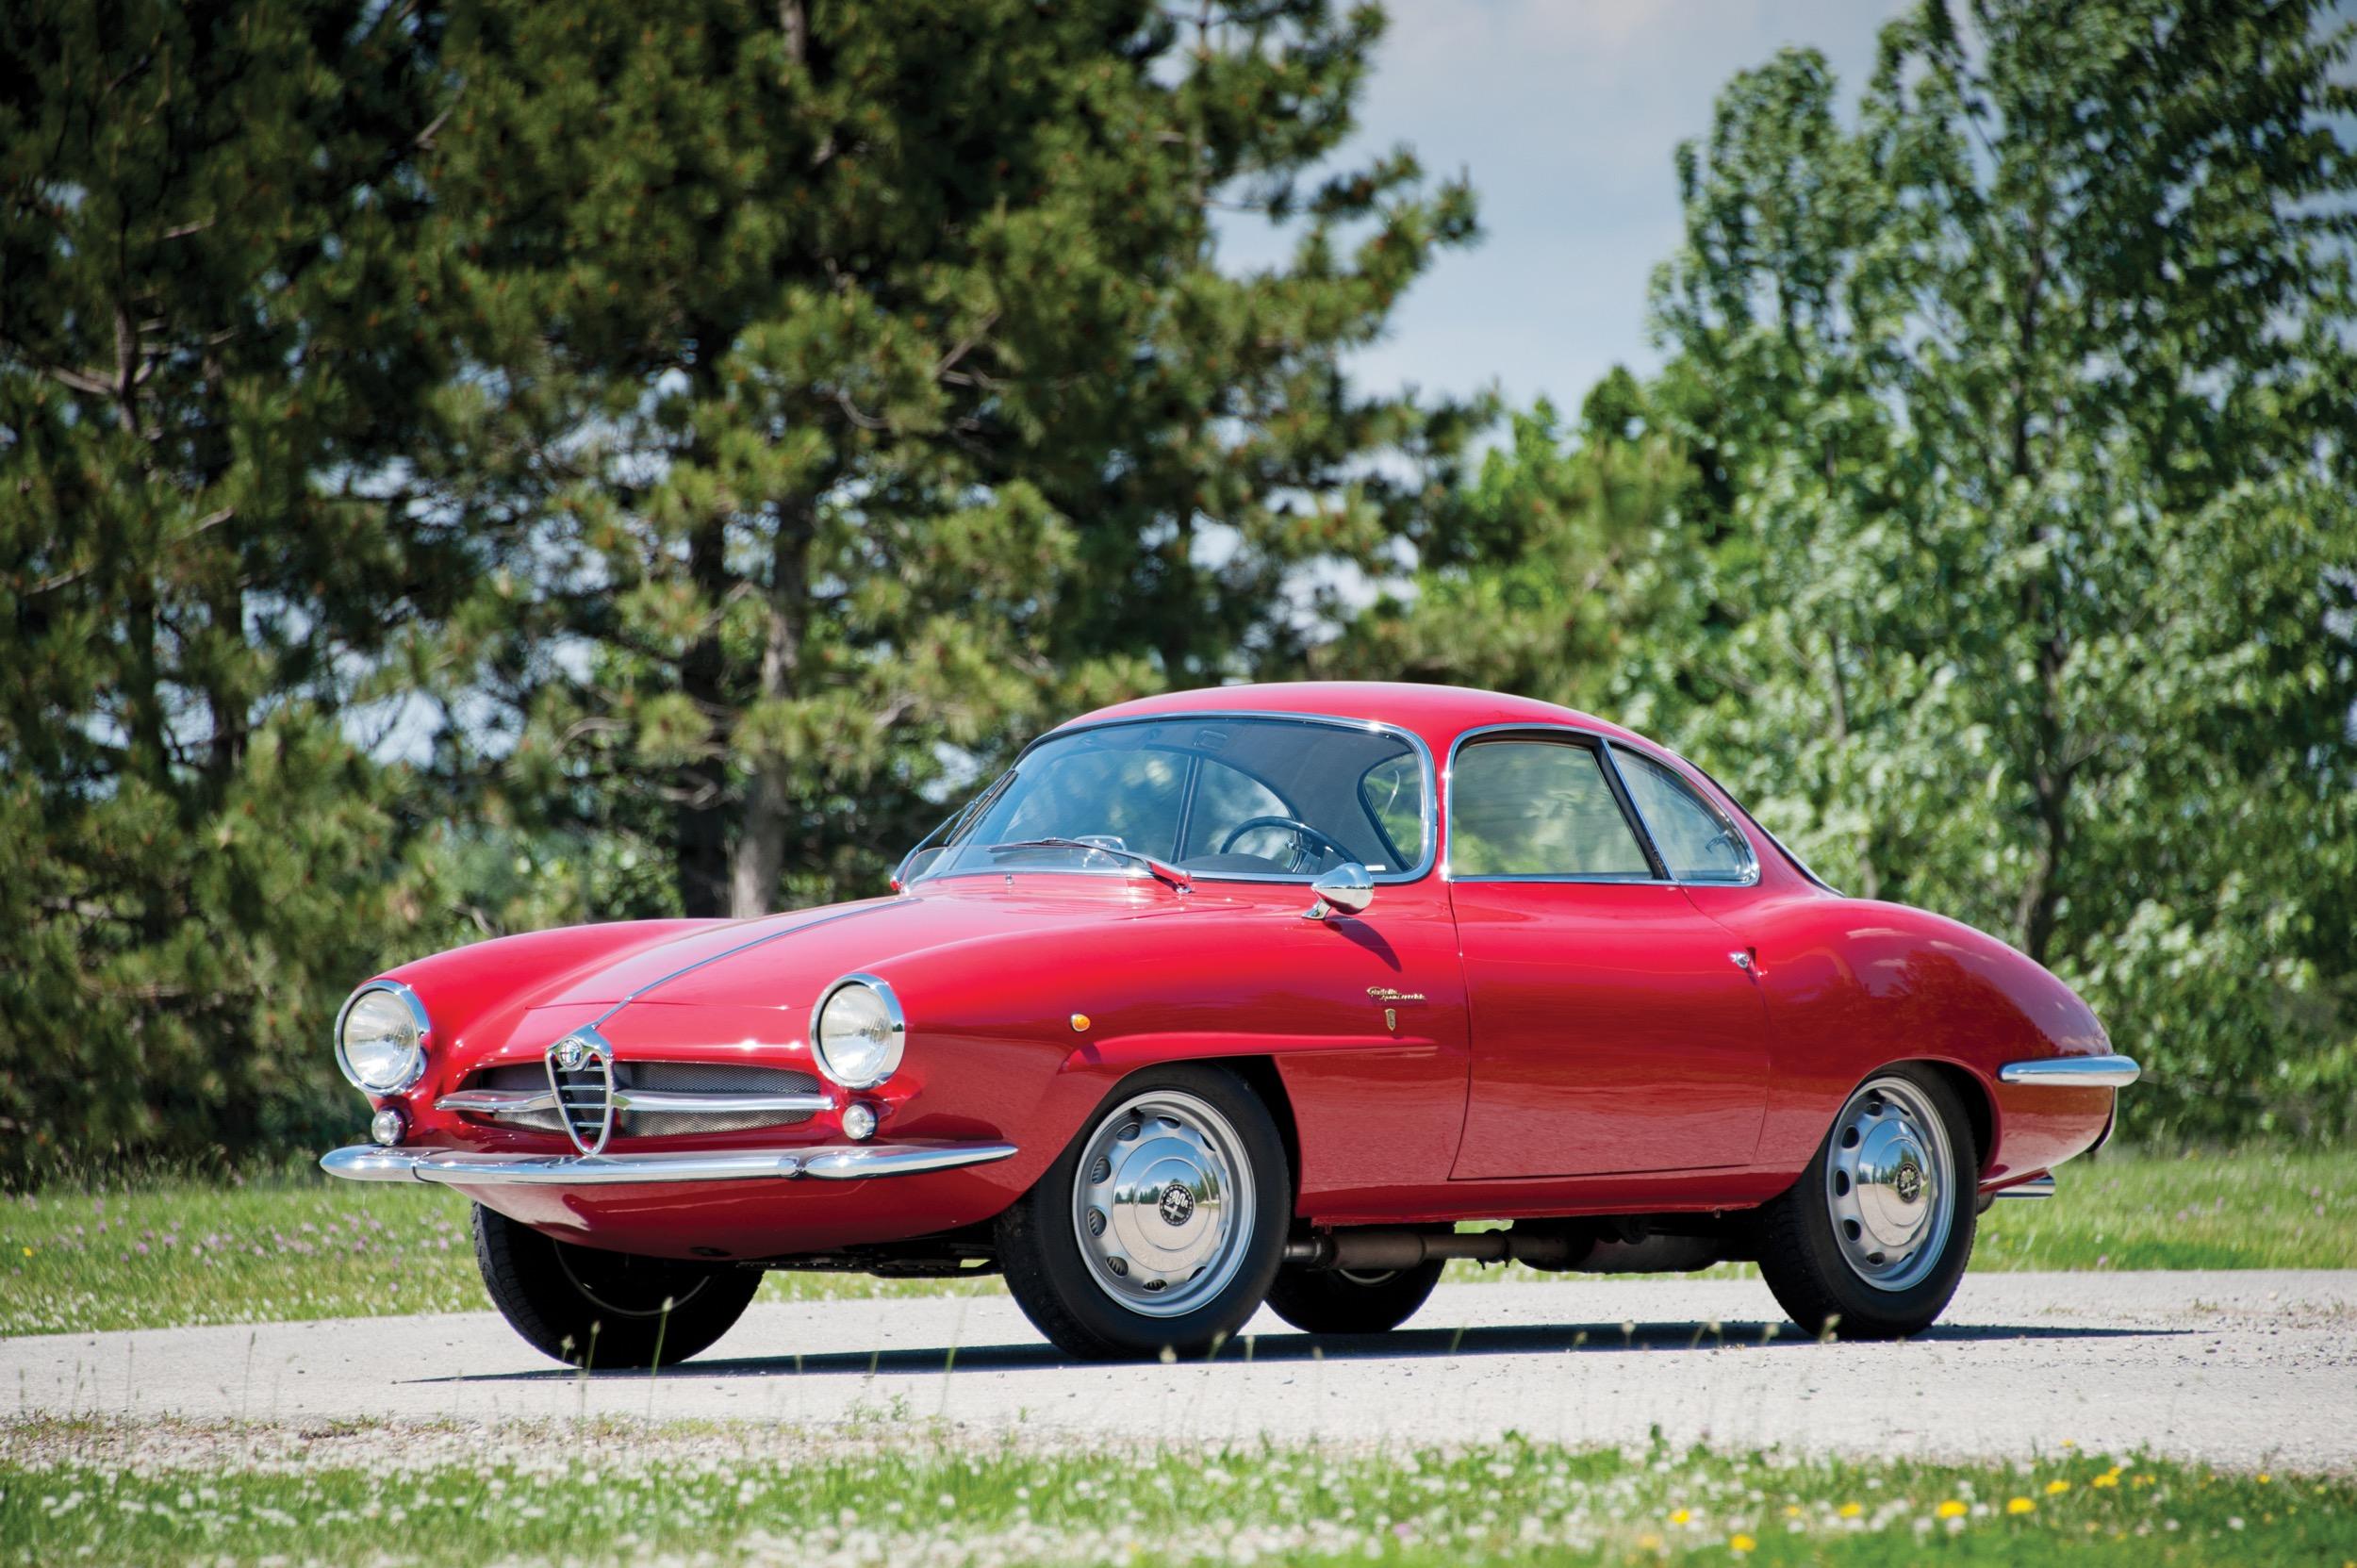 750ss 10120 Giulietta Sprint Speciale Radicalmag 1961 Alfa Romeo Spider Heck Vorgestellt Wurde Die Neue Ss Auf Dem Genfer Salon 1966 Und Gebaut Bis 1963 Als Sie Durch Giulia Abgelst